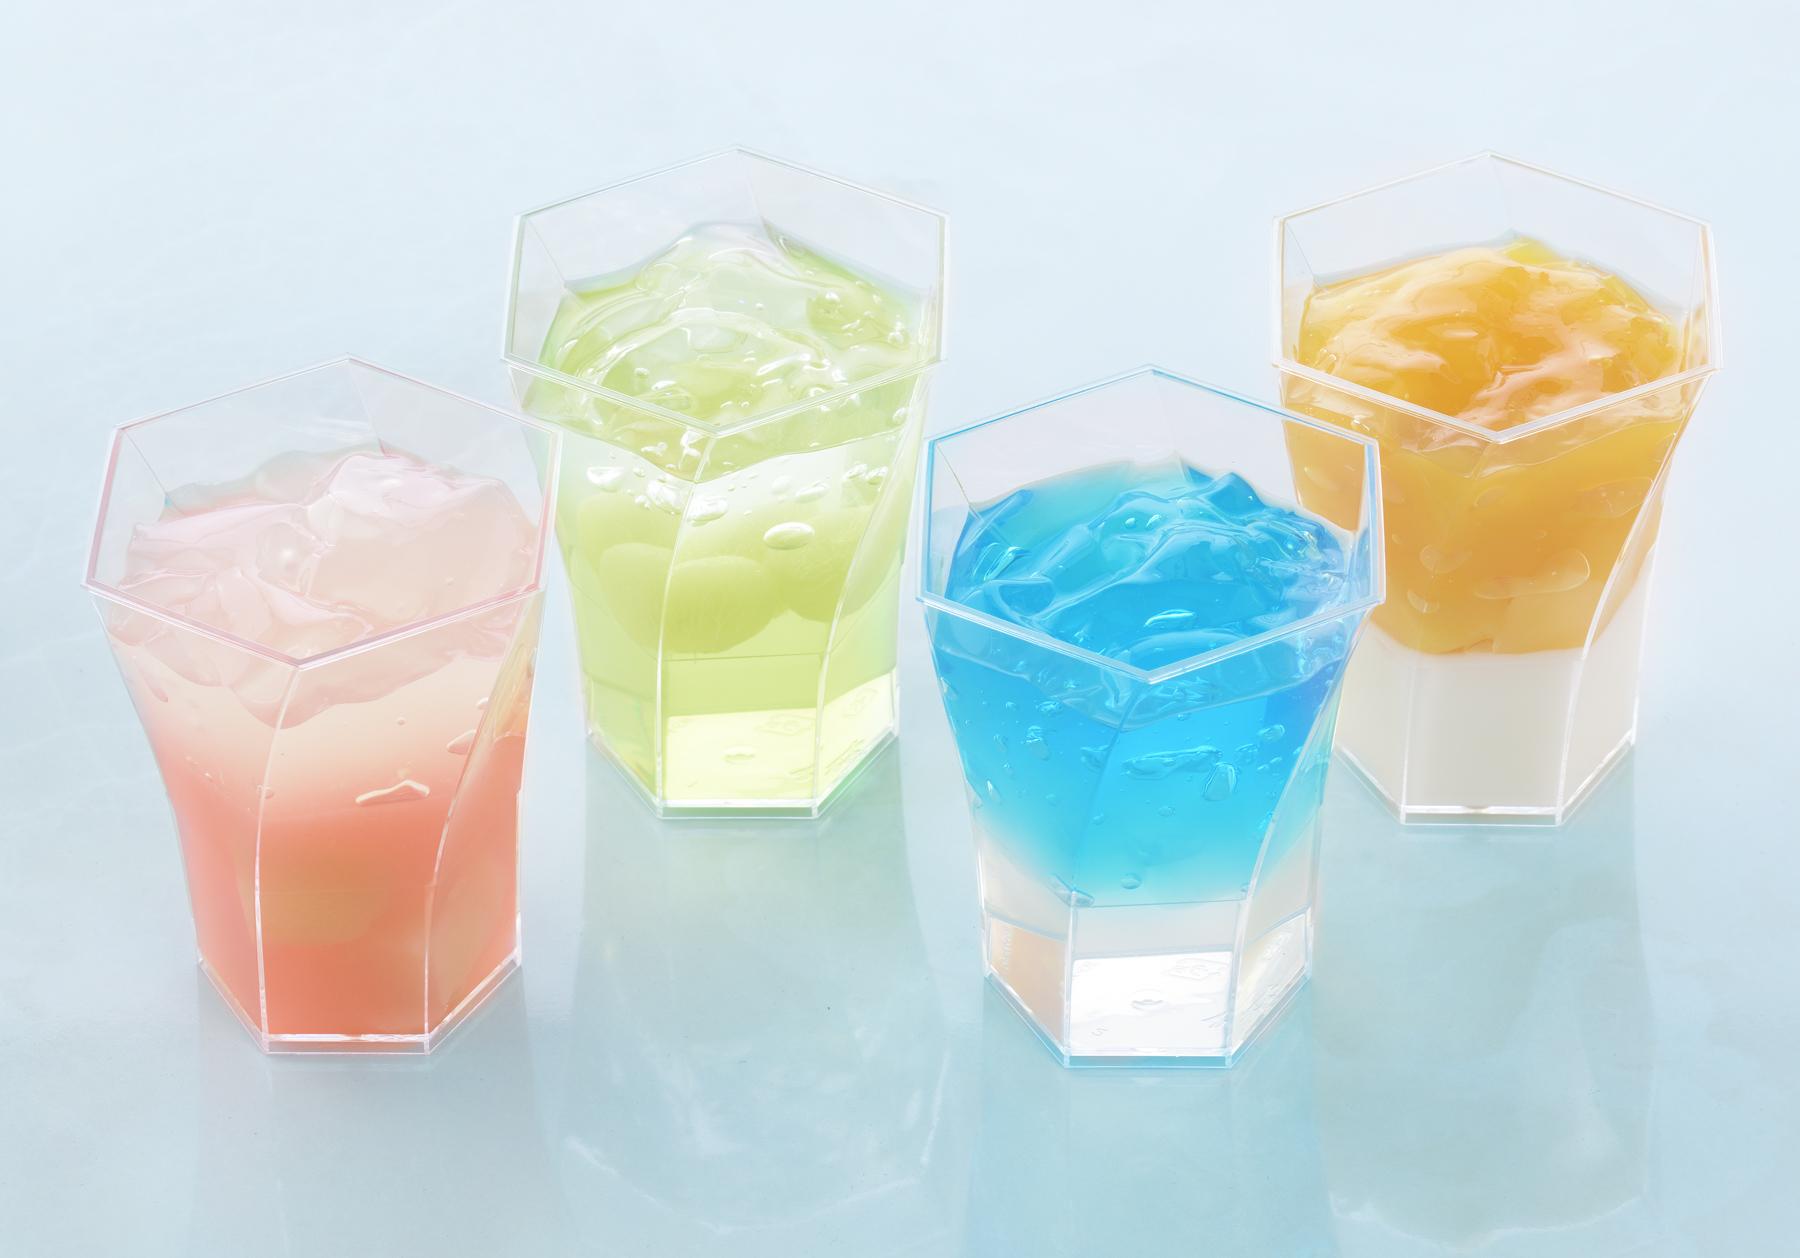 銀座コージーコーナーから新発売される夏季限定カップデザート「Wゼリー」4種